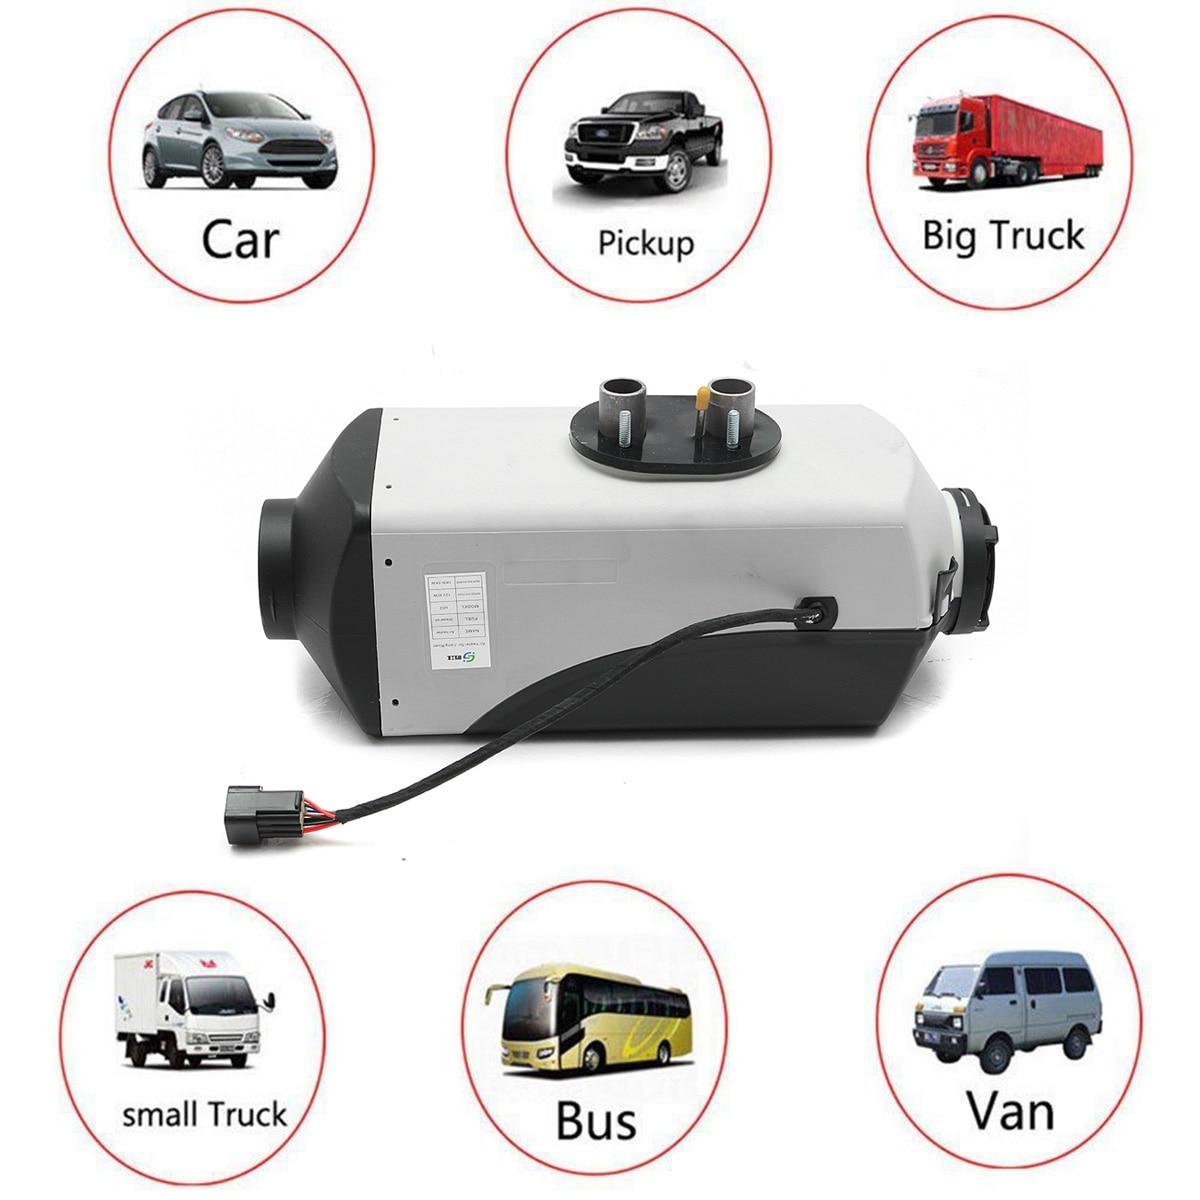 12V 5000W LCD moniteur Air diesels réchauffeur de carburant unique trou 5KW pour bateaux Bus voiture chauffage avec télécommande et silencieux gratuitement - 5